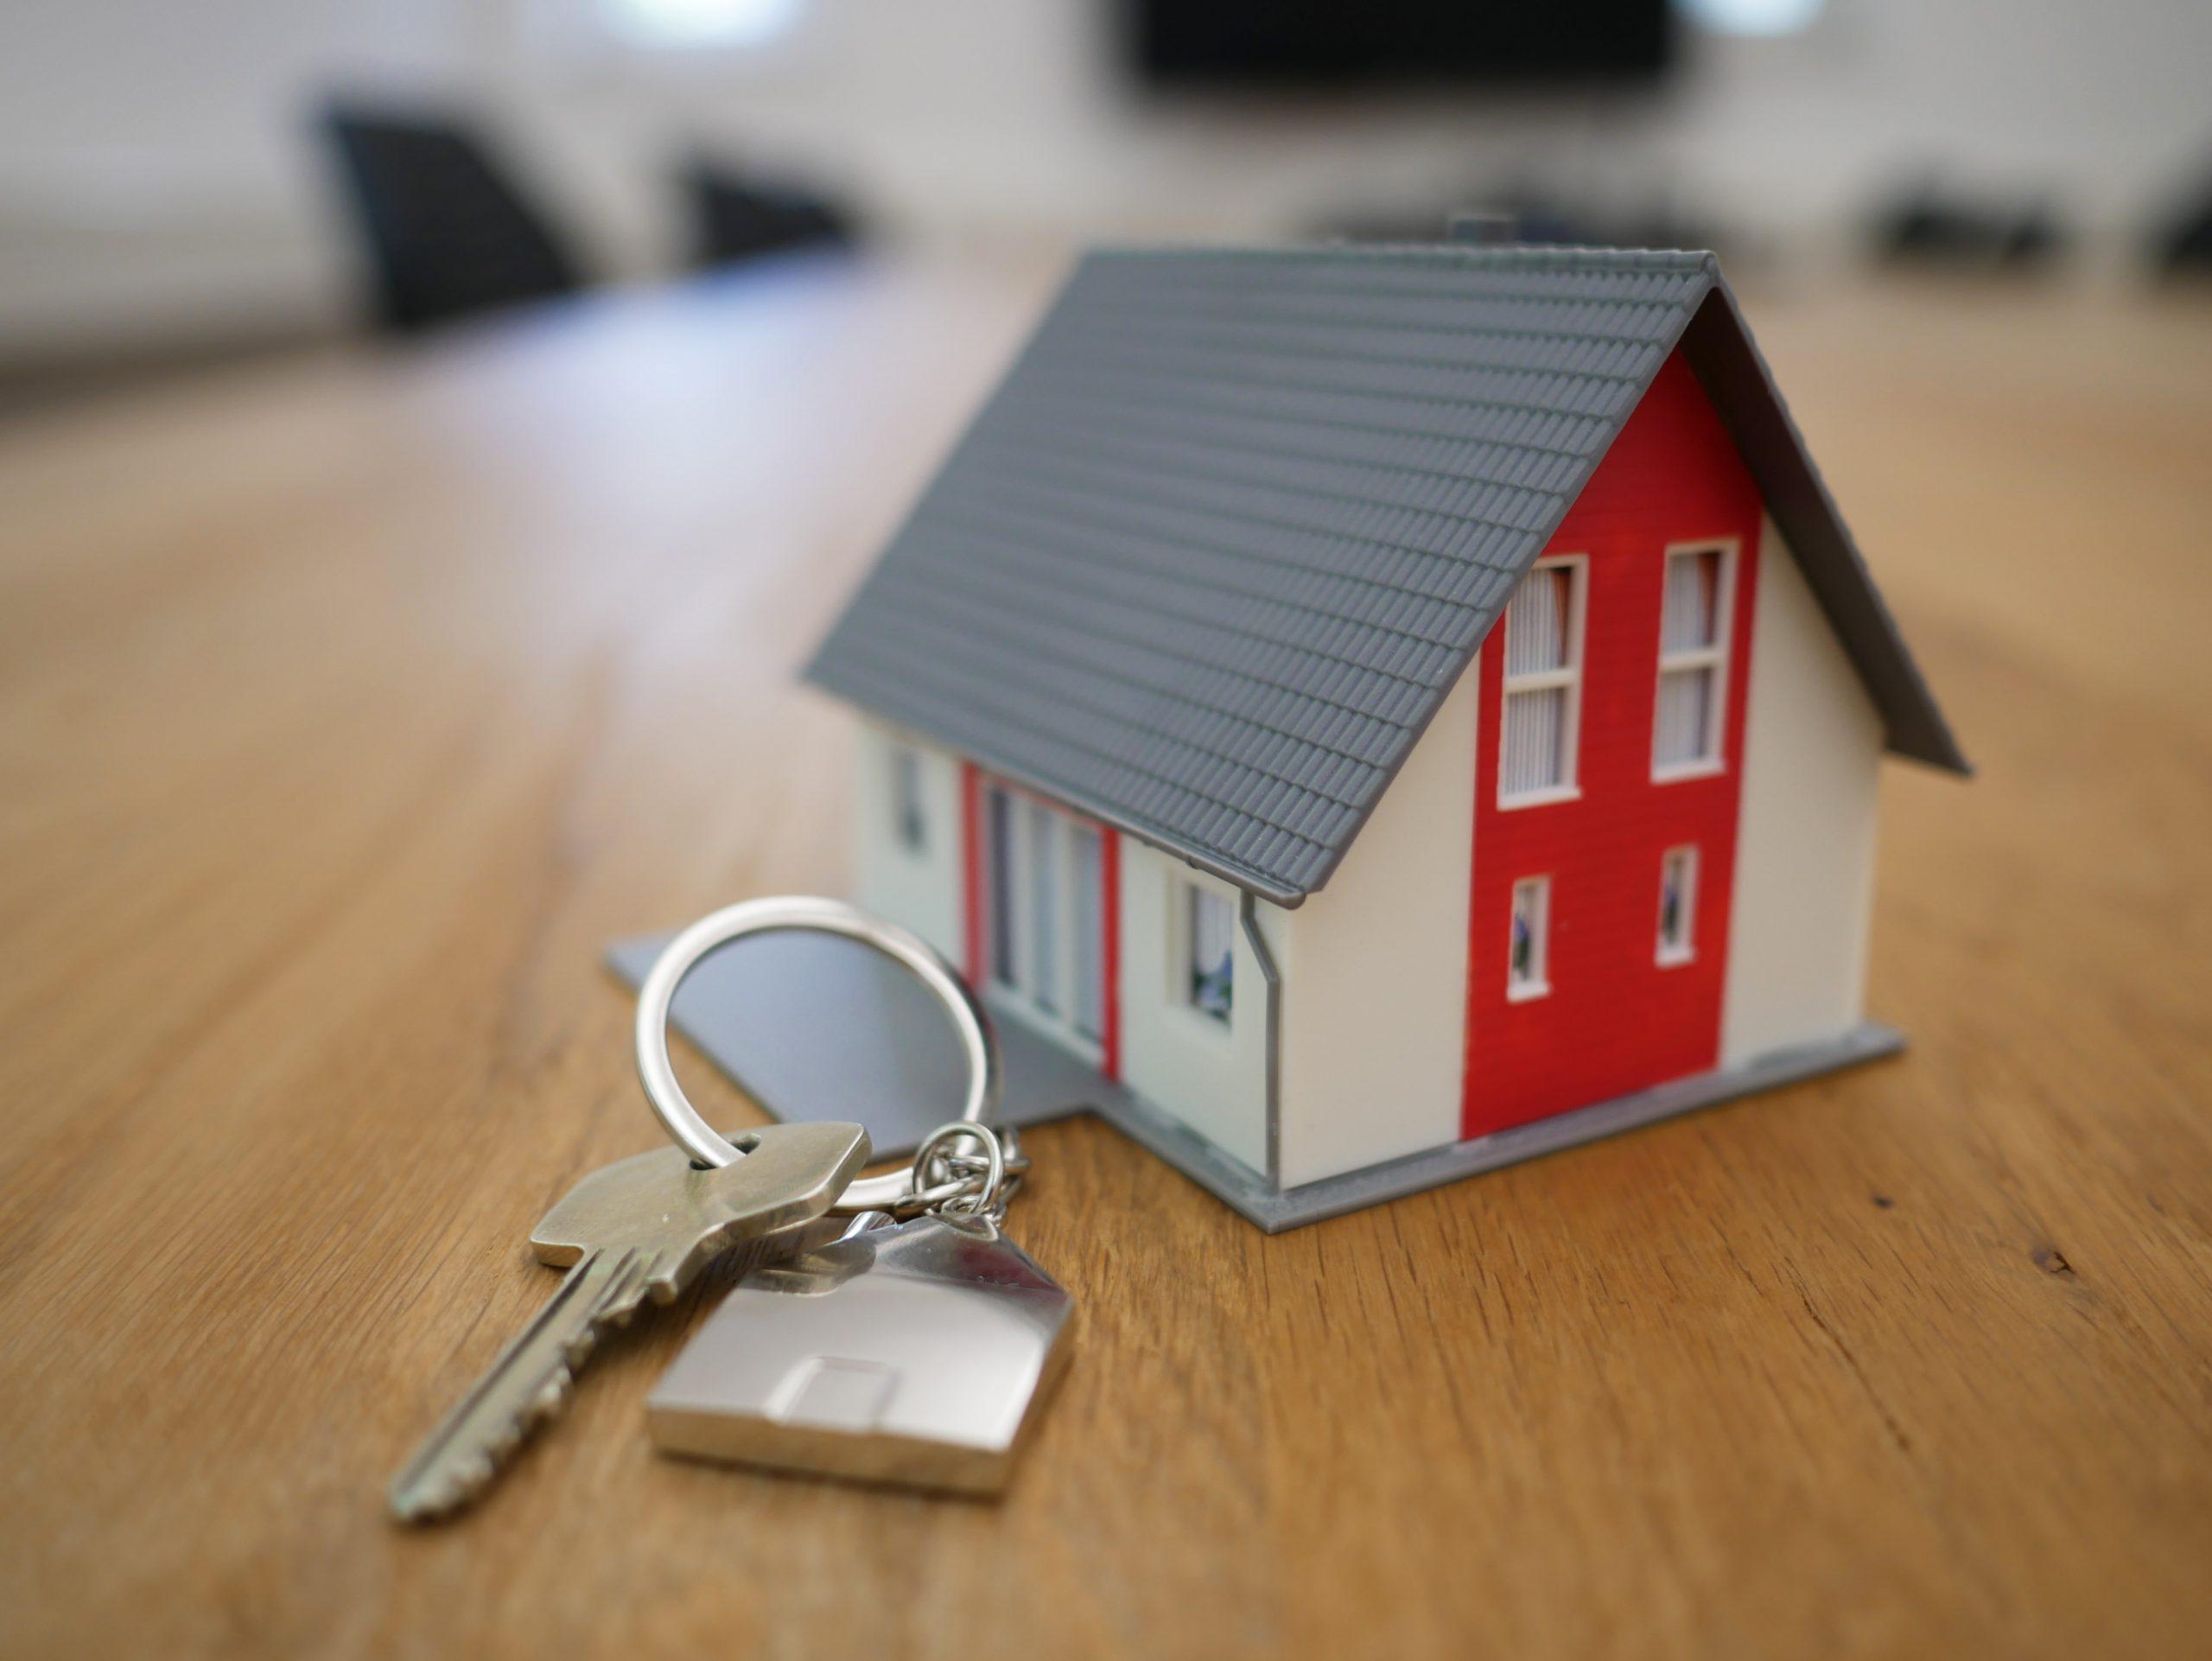 Cliente receberá indenização da agência bancária por atraso na liberação do FGTS e Carta de Crédito Imobiliário.